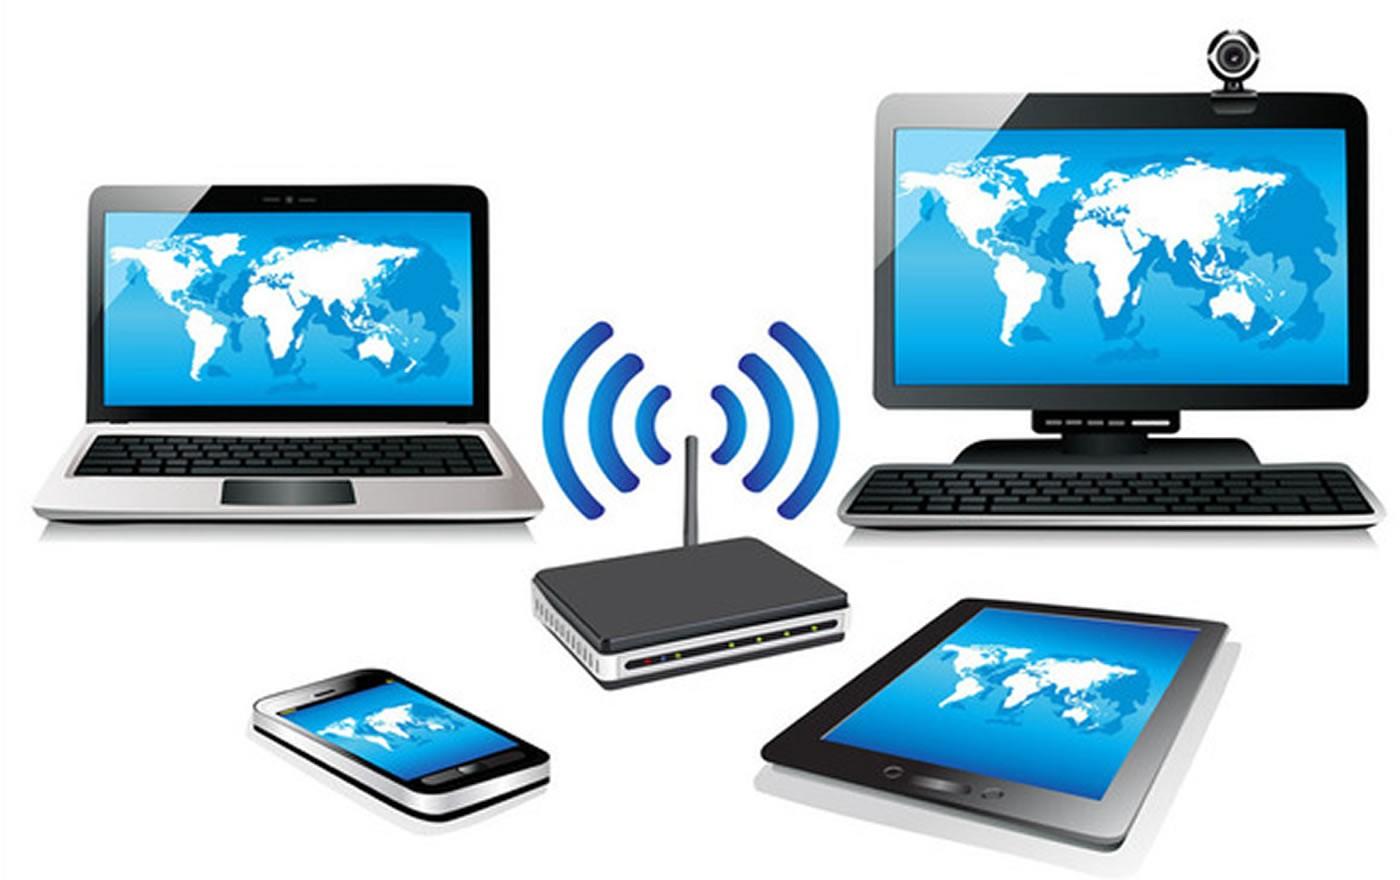 Как улучшить прием wifi на ноутбуке?